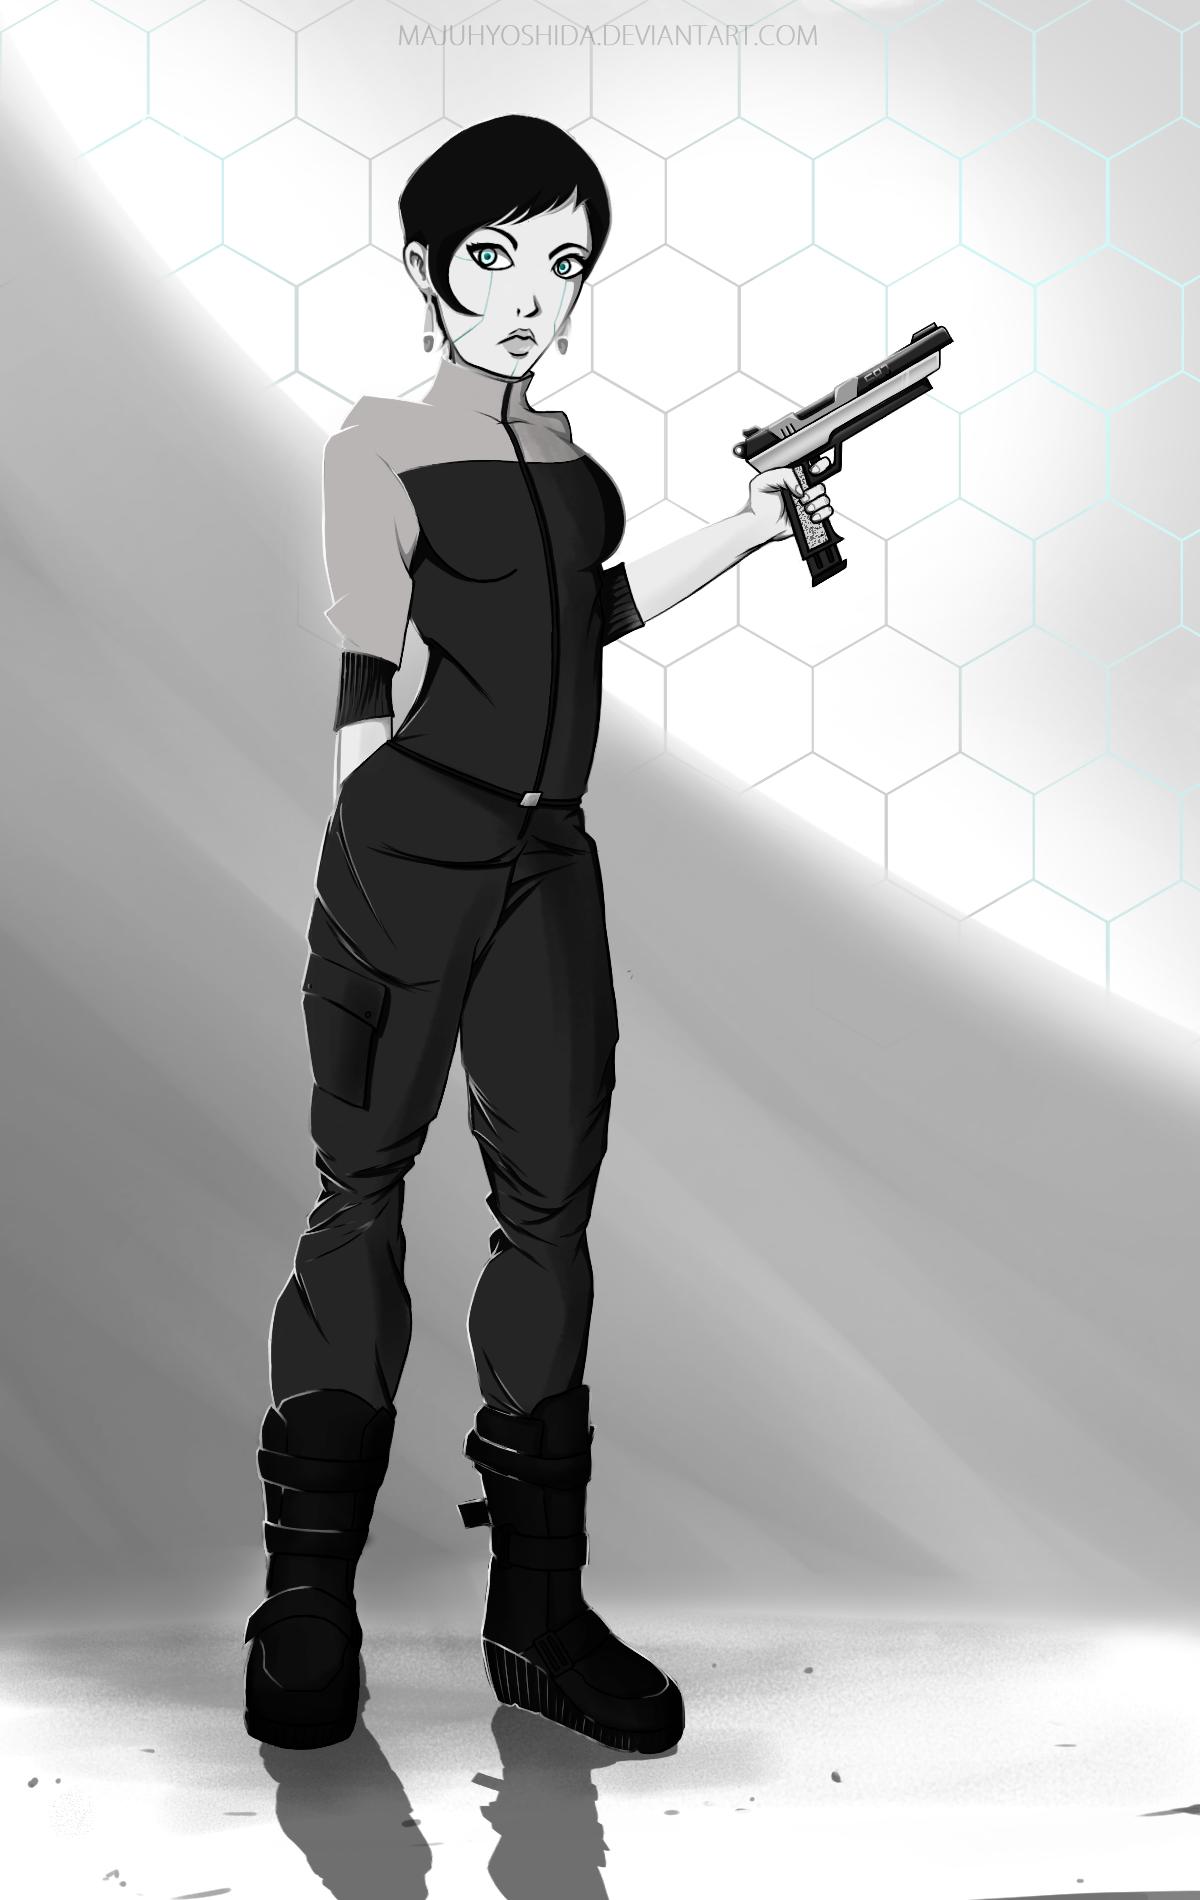 Character Design - Cyberpunk